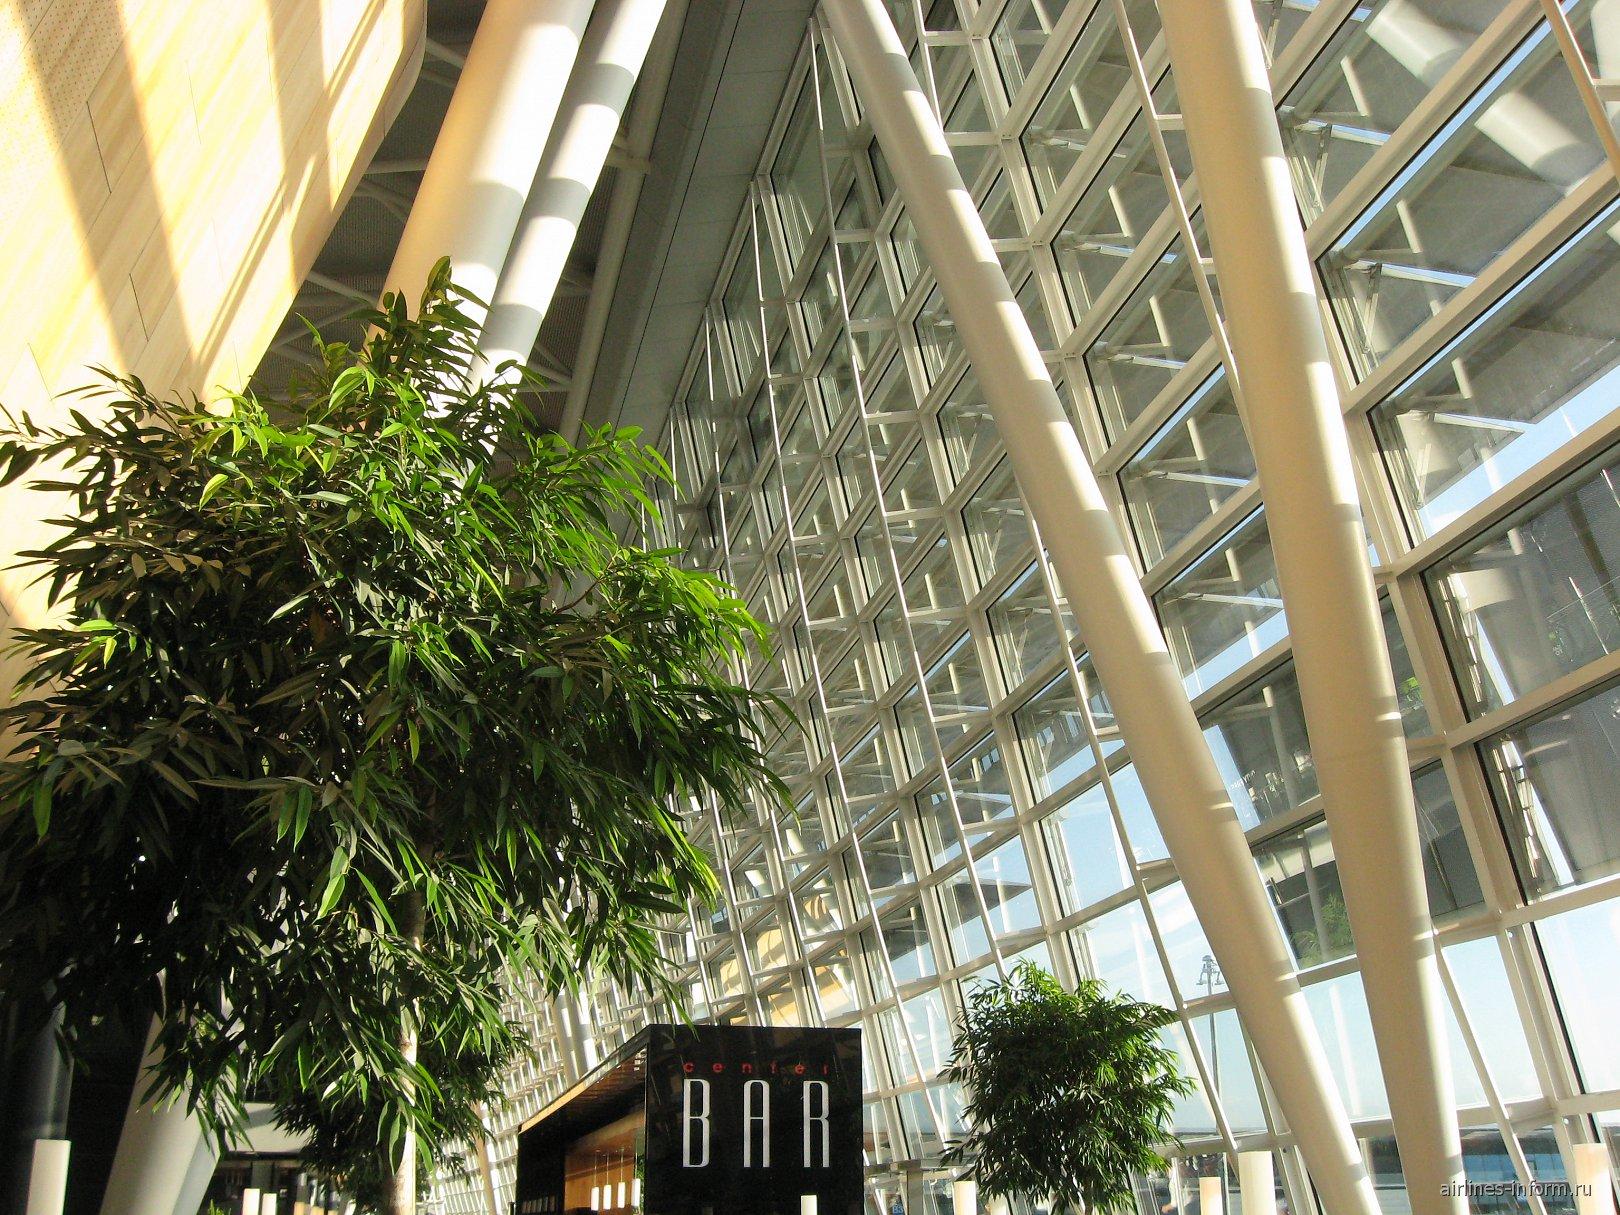 Центральная часть терминала аэропорта Цюрих